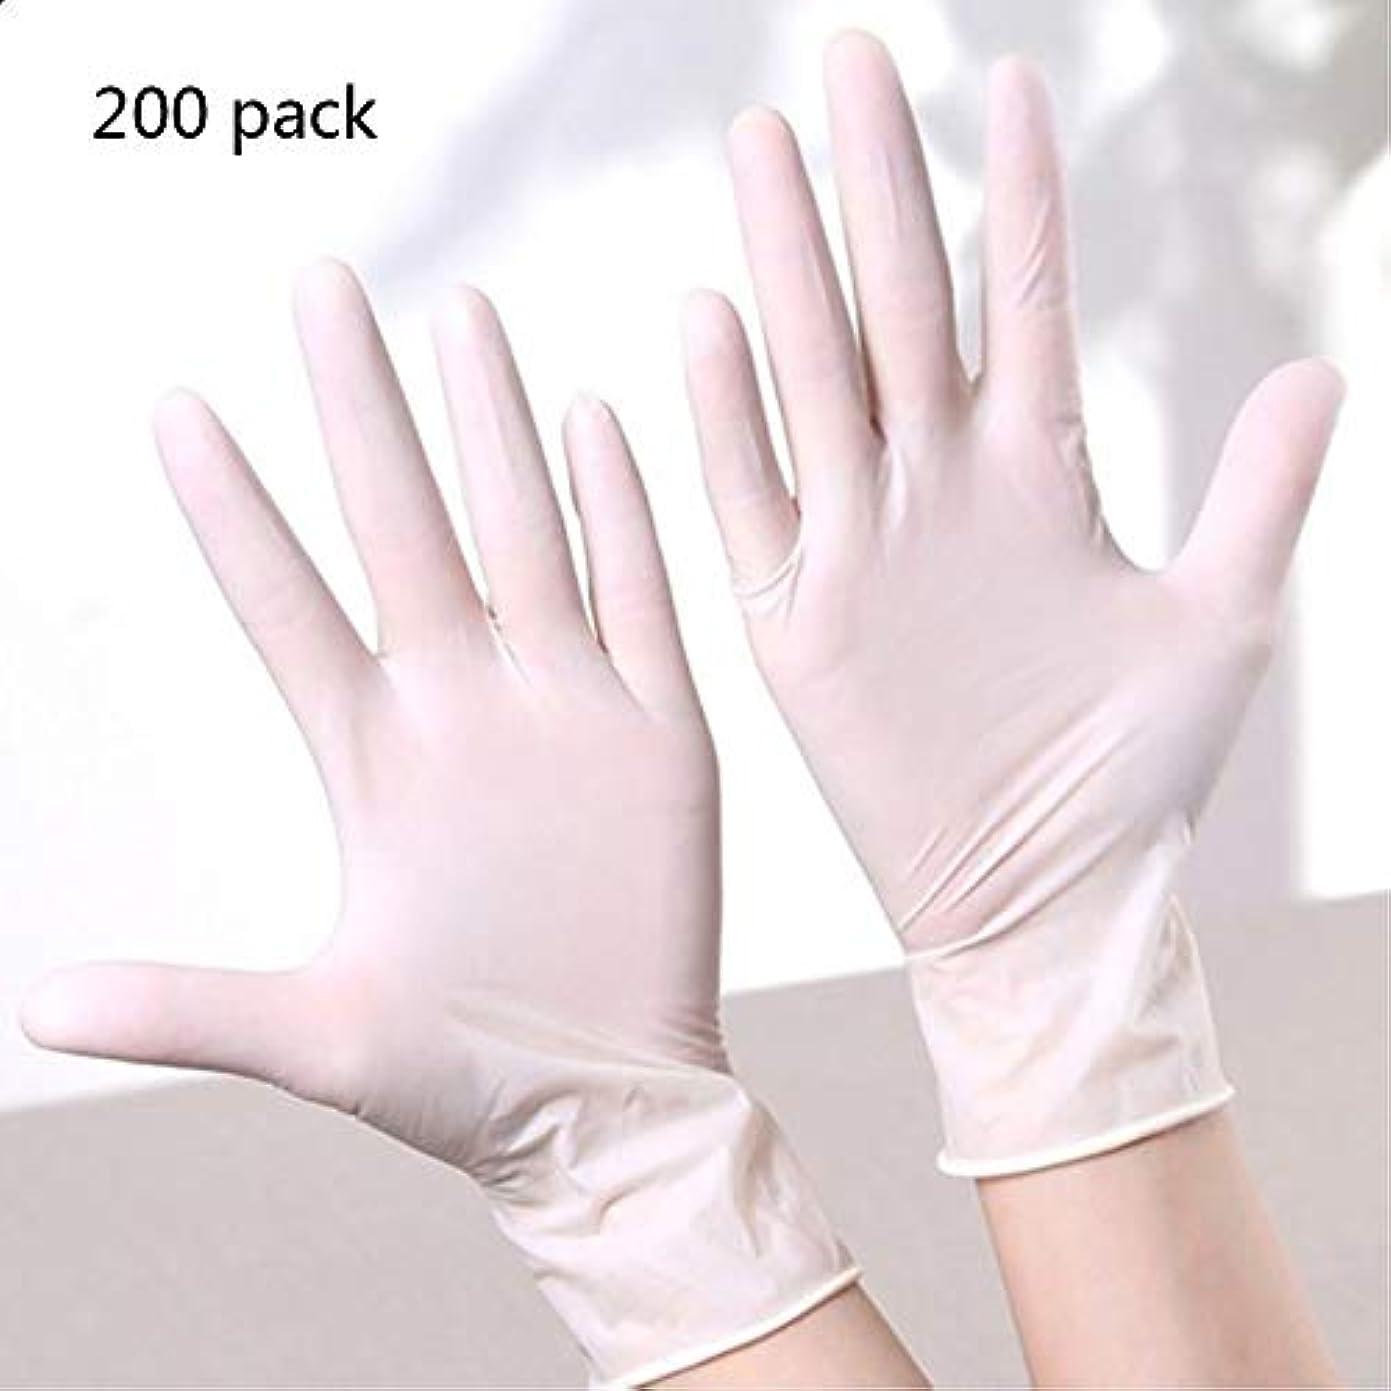 旅笑いひどくニトリルテスト用手袋、使い捨て医療グレードノンラテックスパウダーフリーのテクスチャ指先食品用安全クリーン大乳白色(200個)